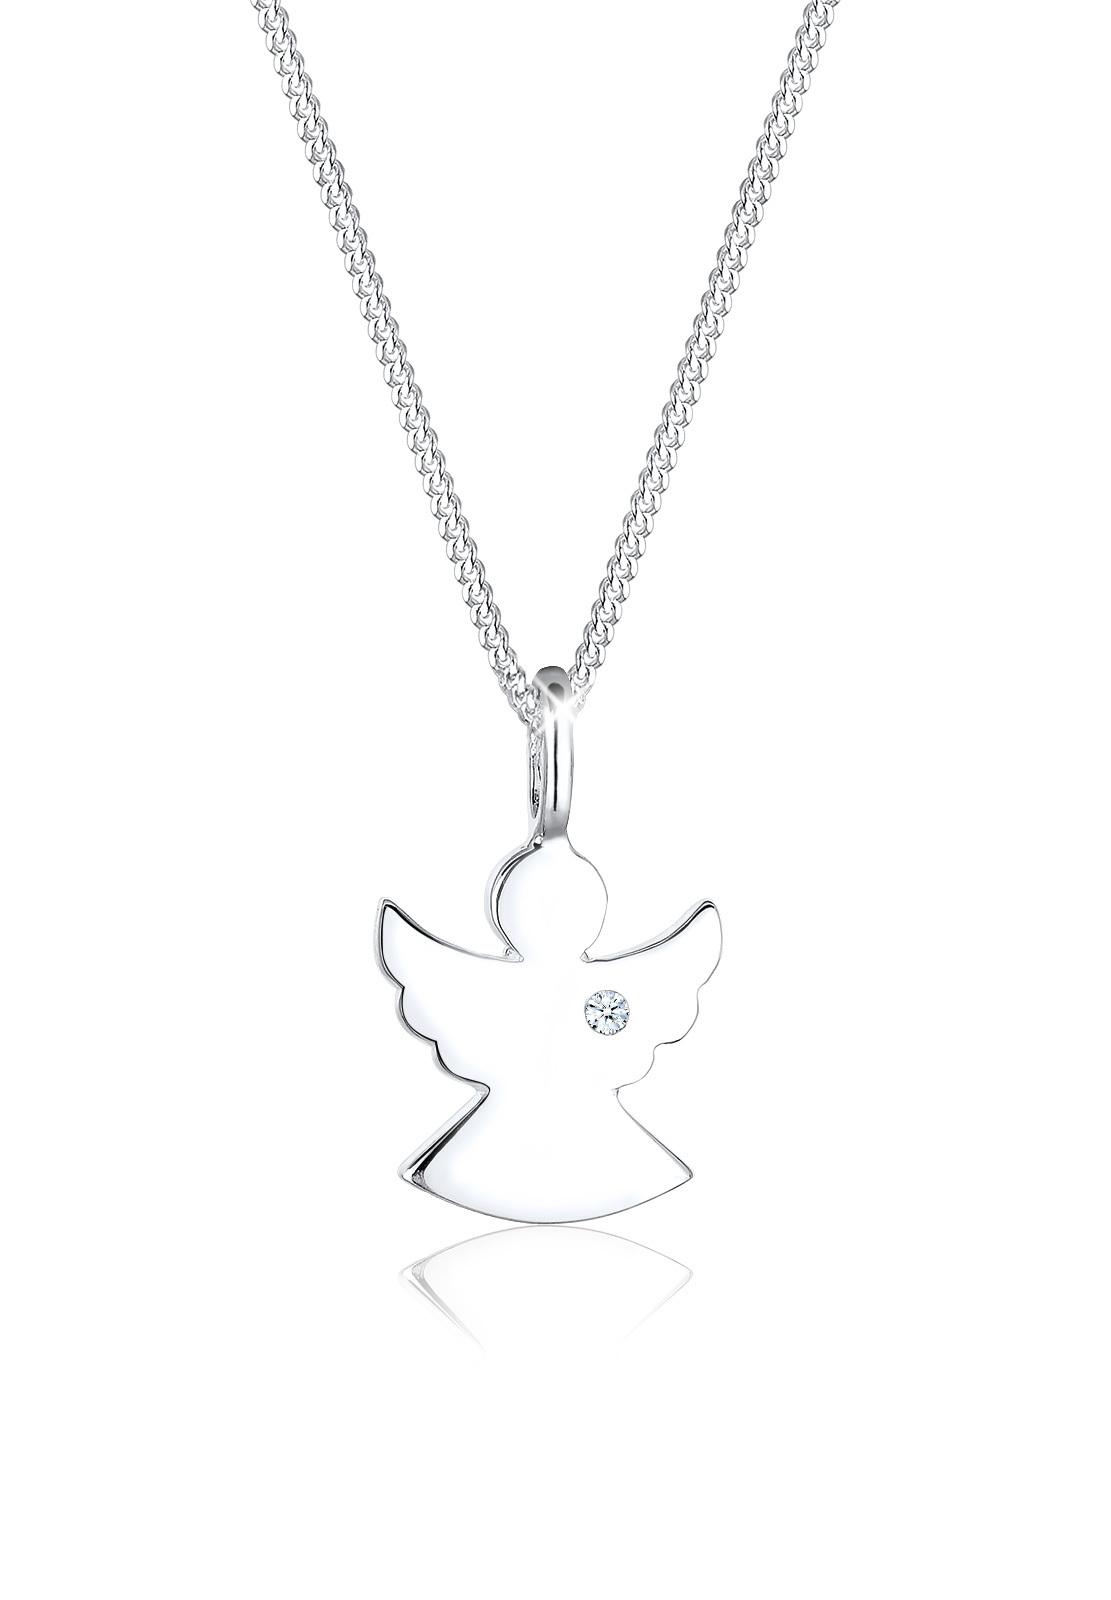 Halskette Engel | Diamant ( Weiß, 0,015 ct ) | 925er Sterling Silber